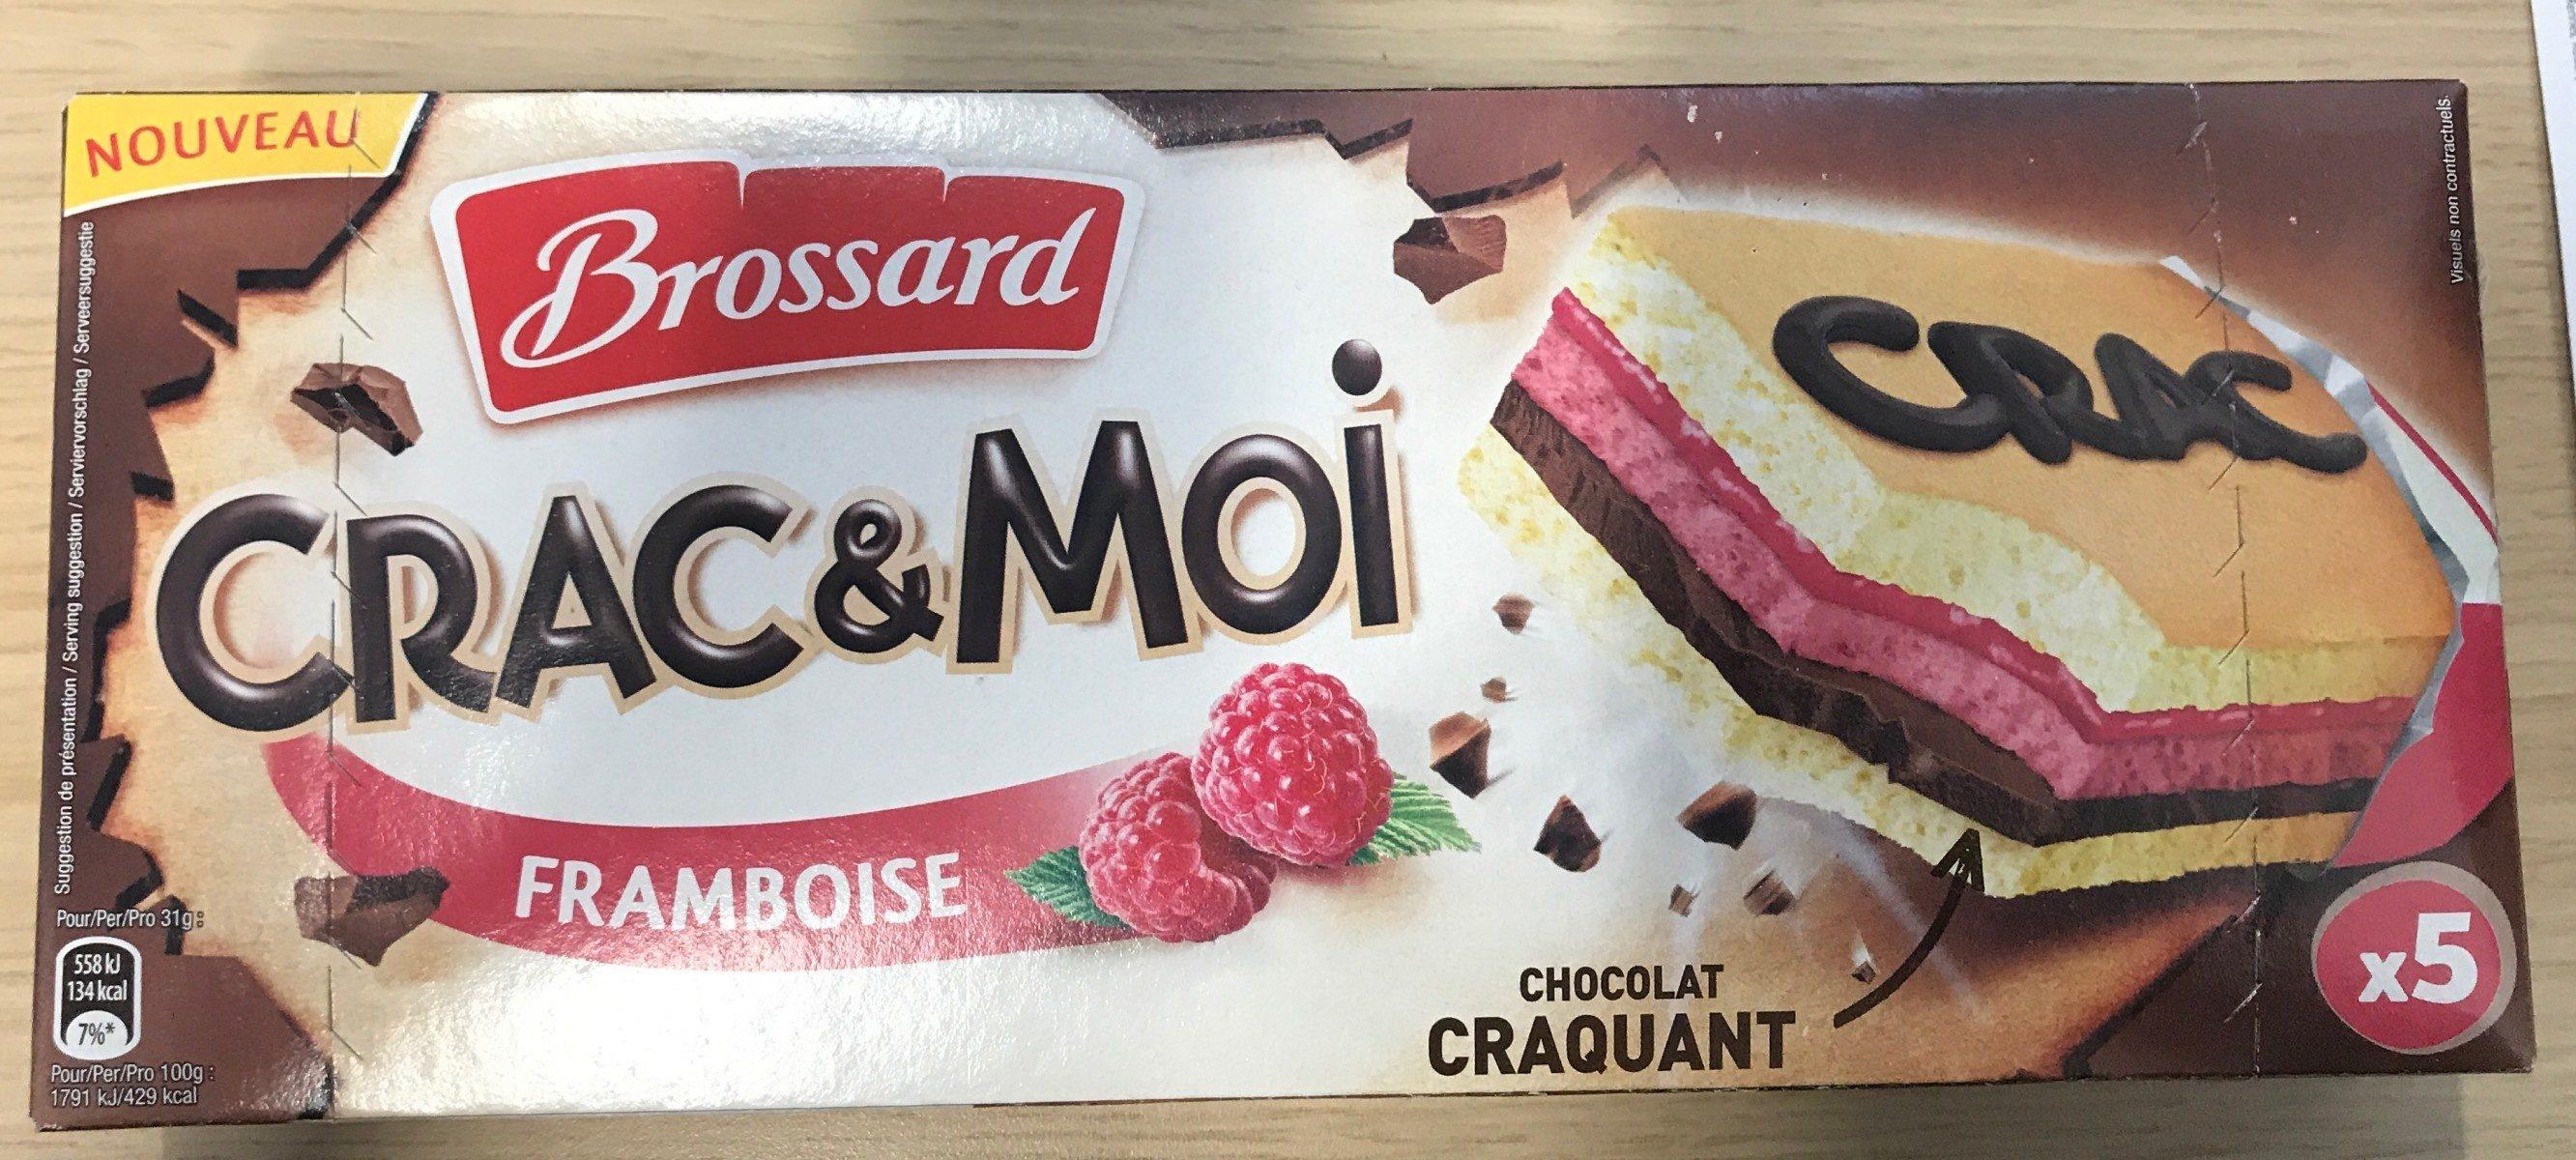 Crac & Moi Framboise - Product